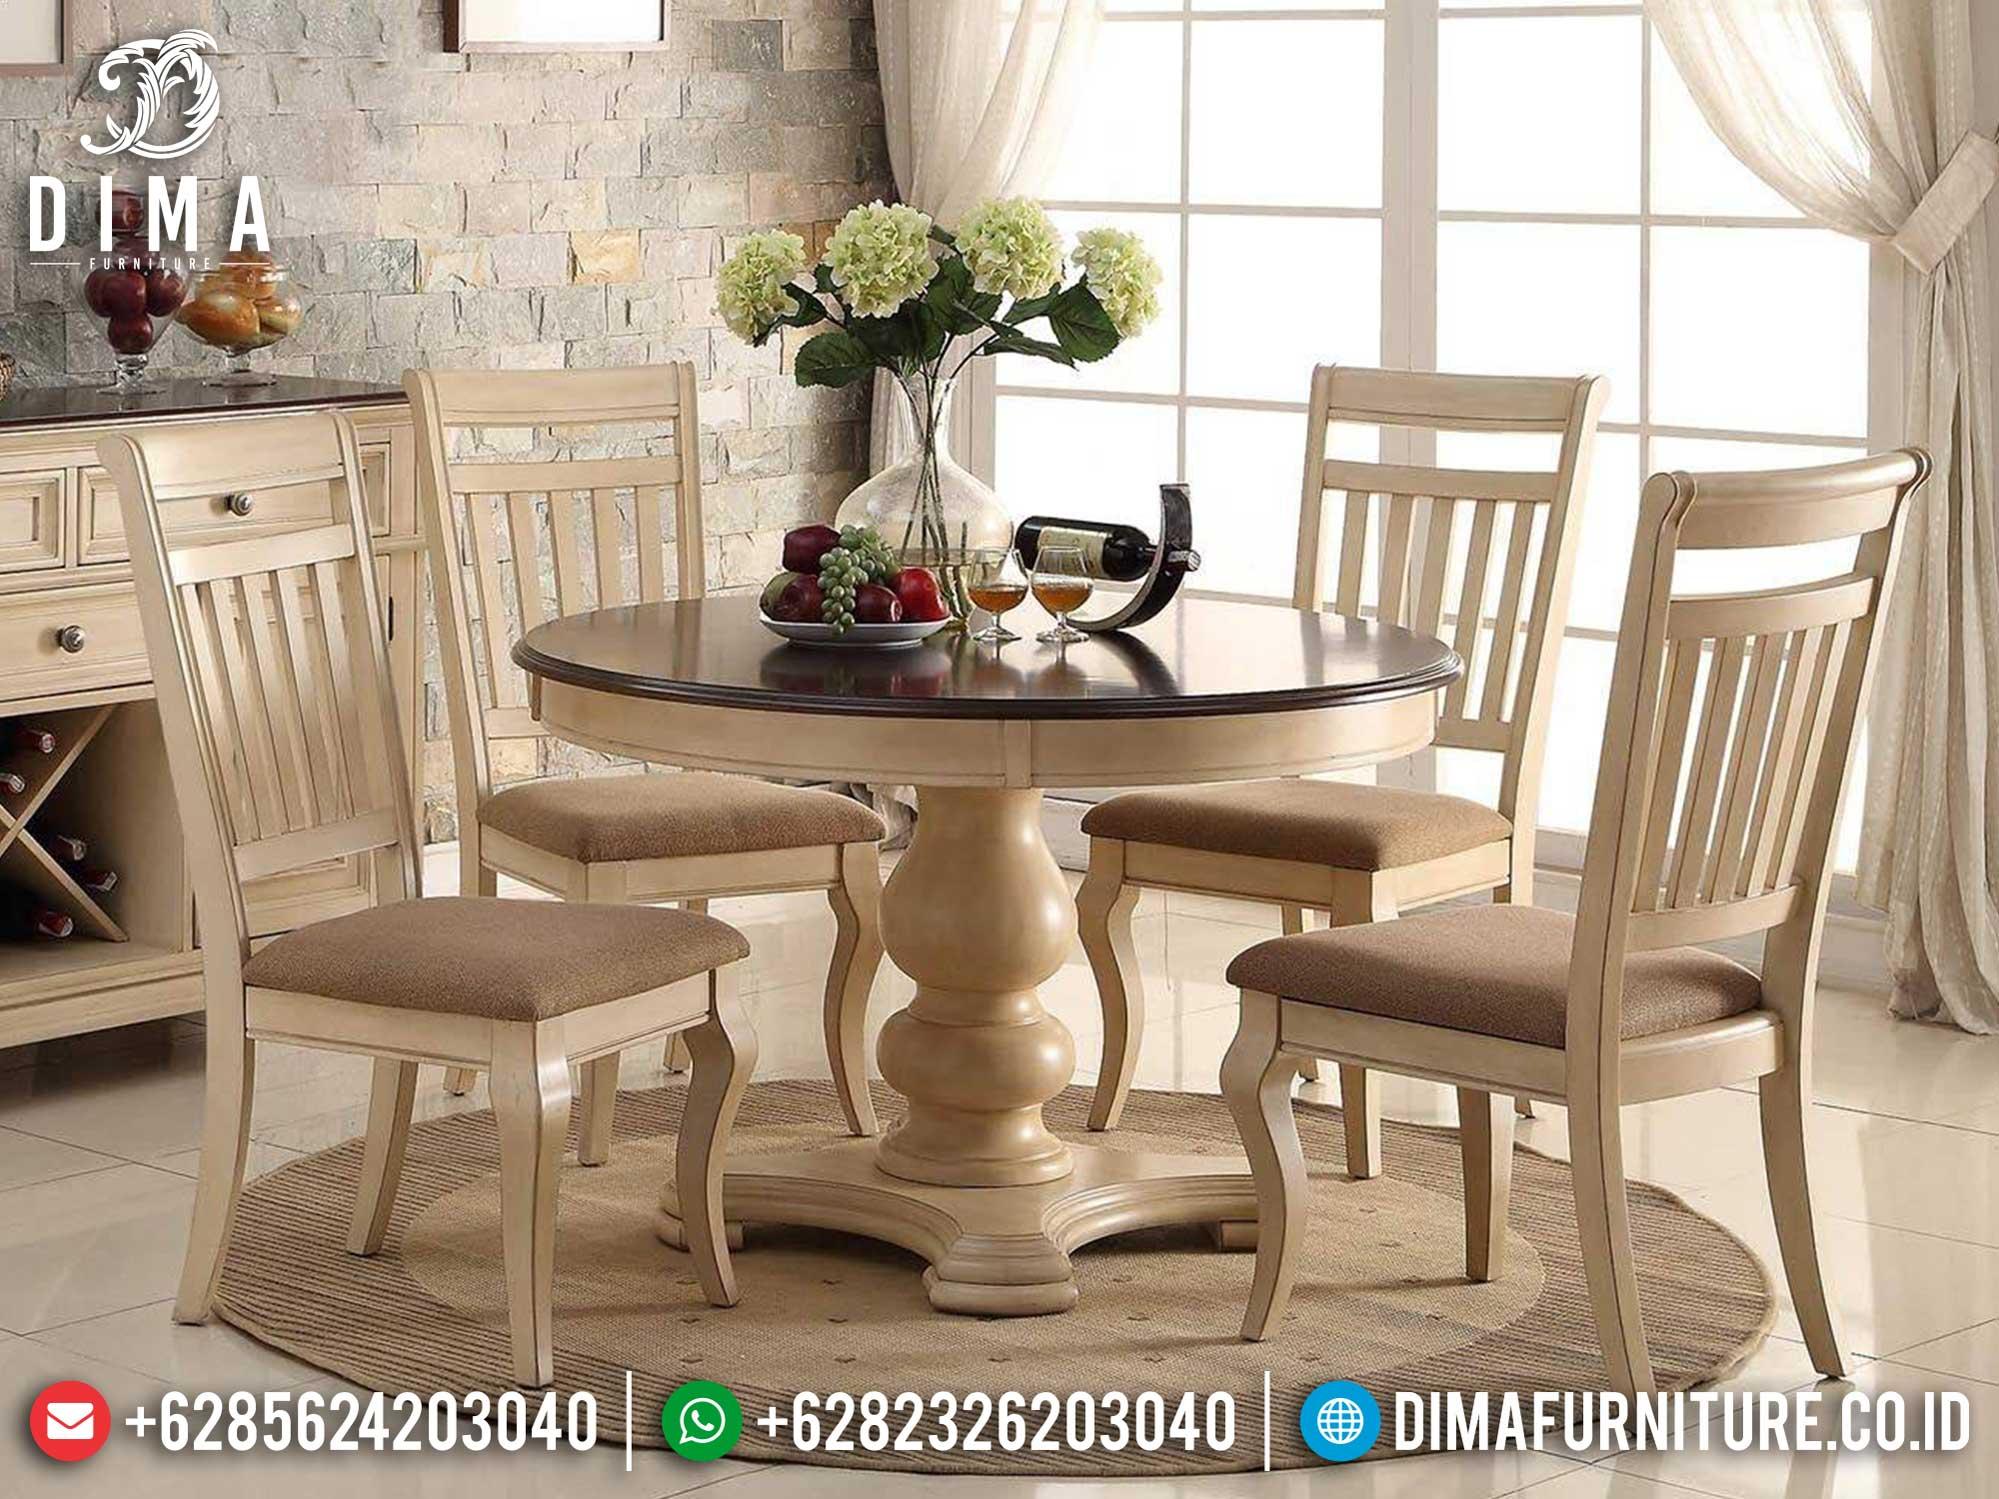 Jual Meja Makan Bundar Minimalis Classic Luxury Simple Design Mebel Jepara ST-0952